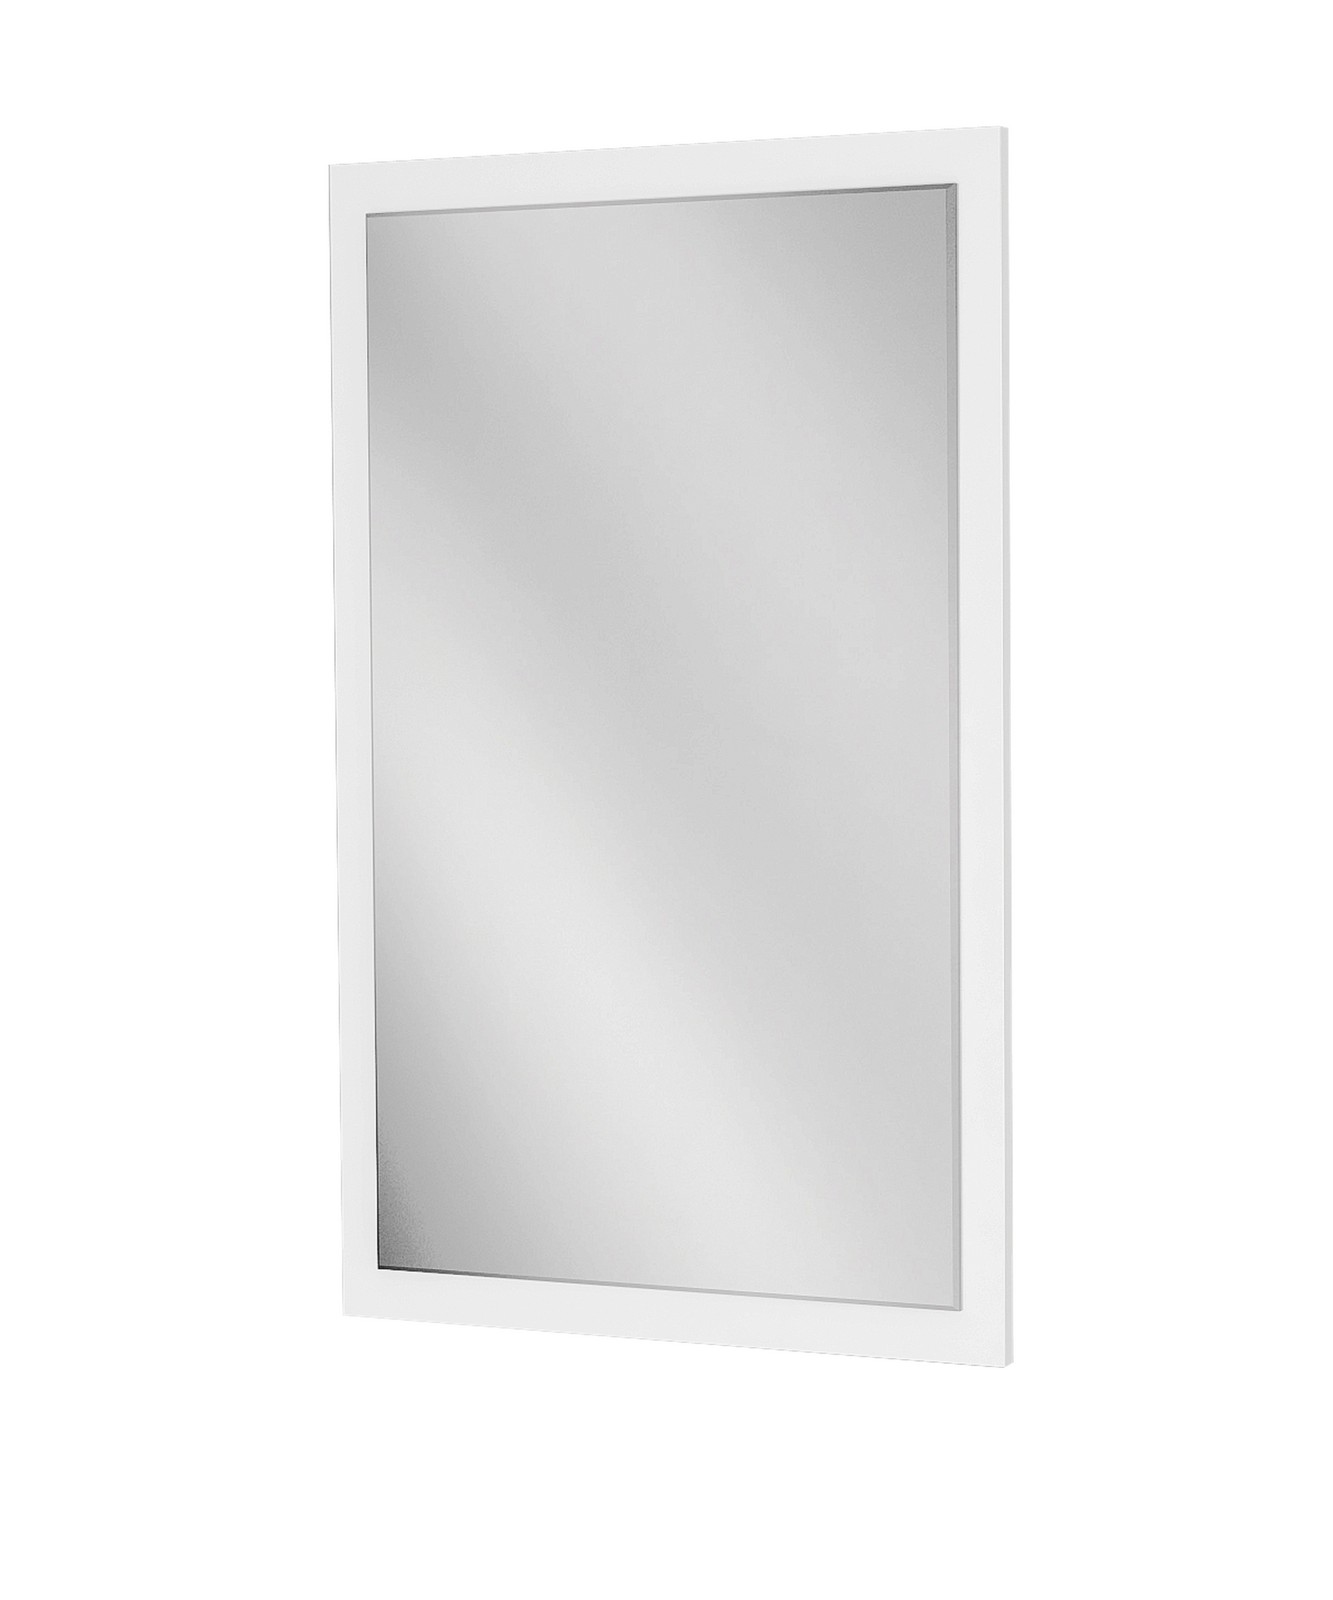 Wandspiegel modern Ostio in Weiß